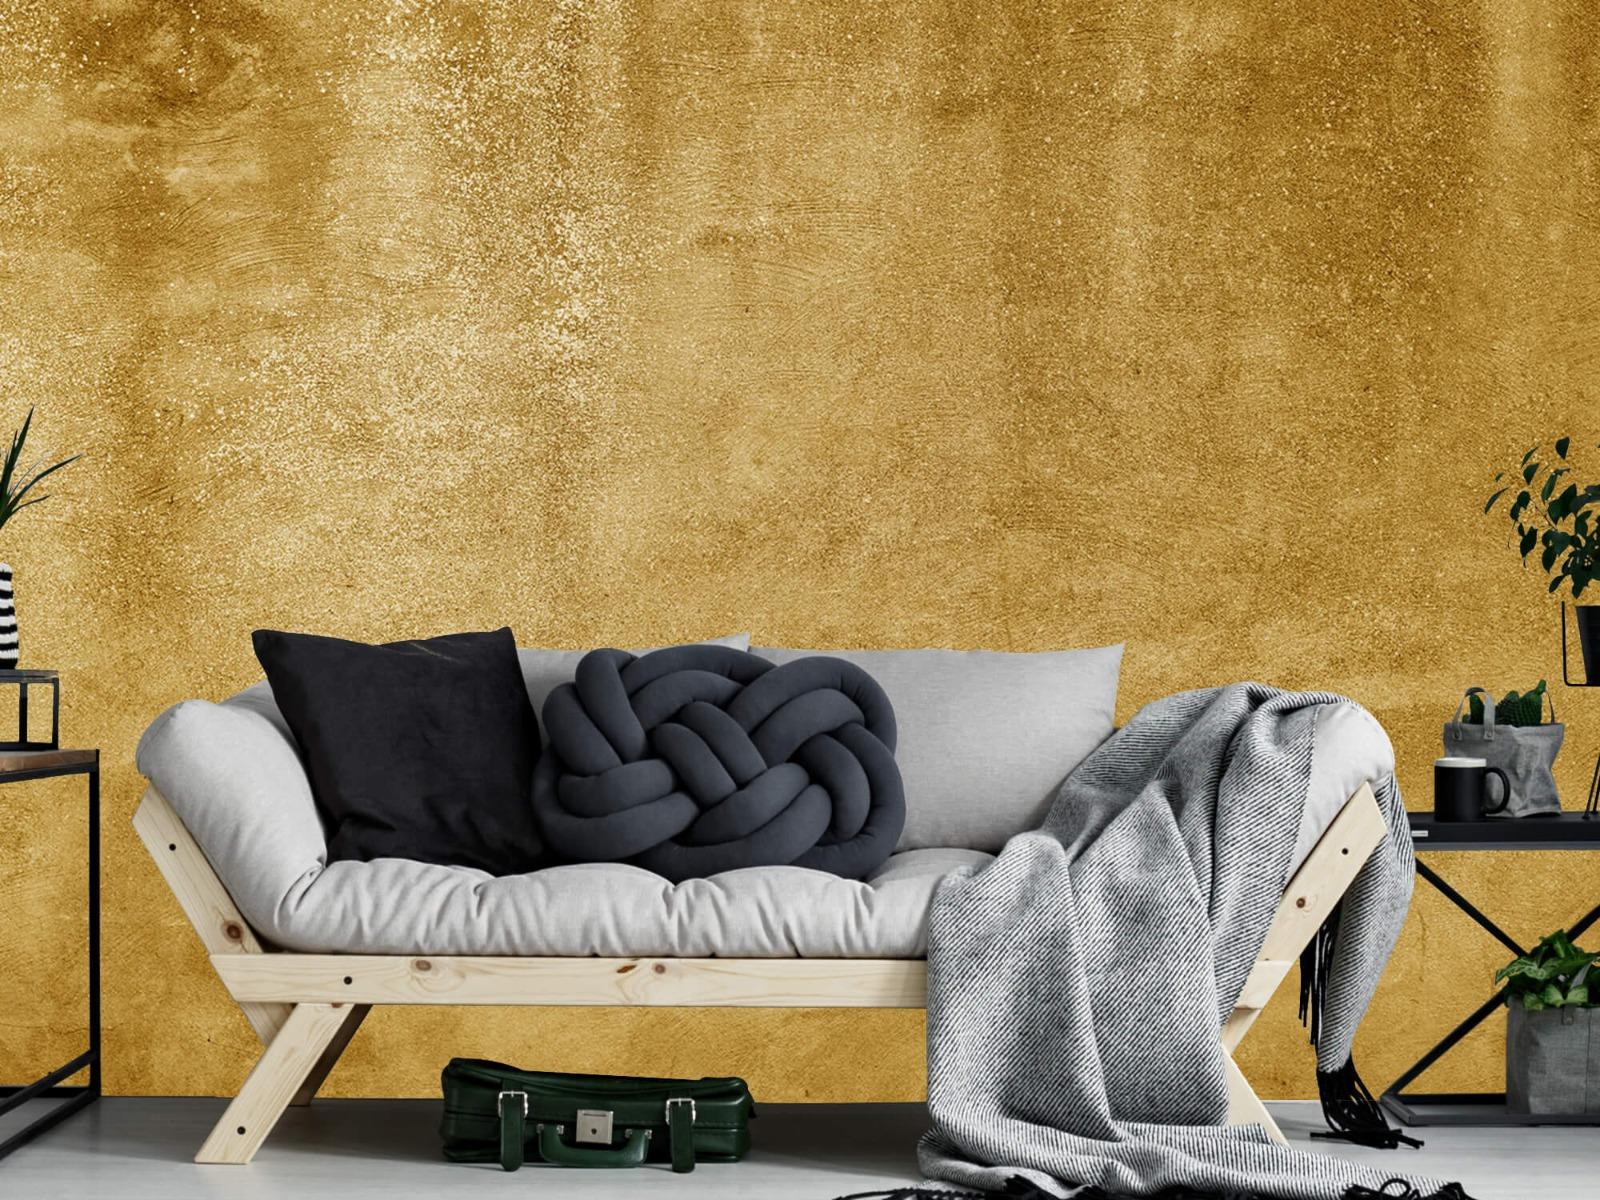 Betonoptik Tapete - Ockerhaltiger gelber Beton auf Fototapete - Wohnzimmer 7